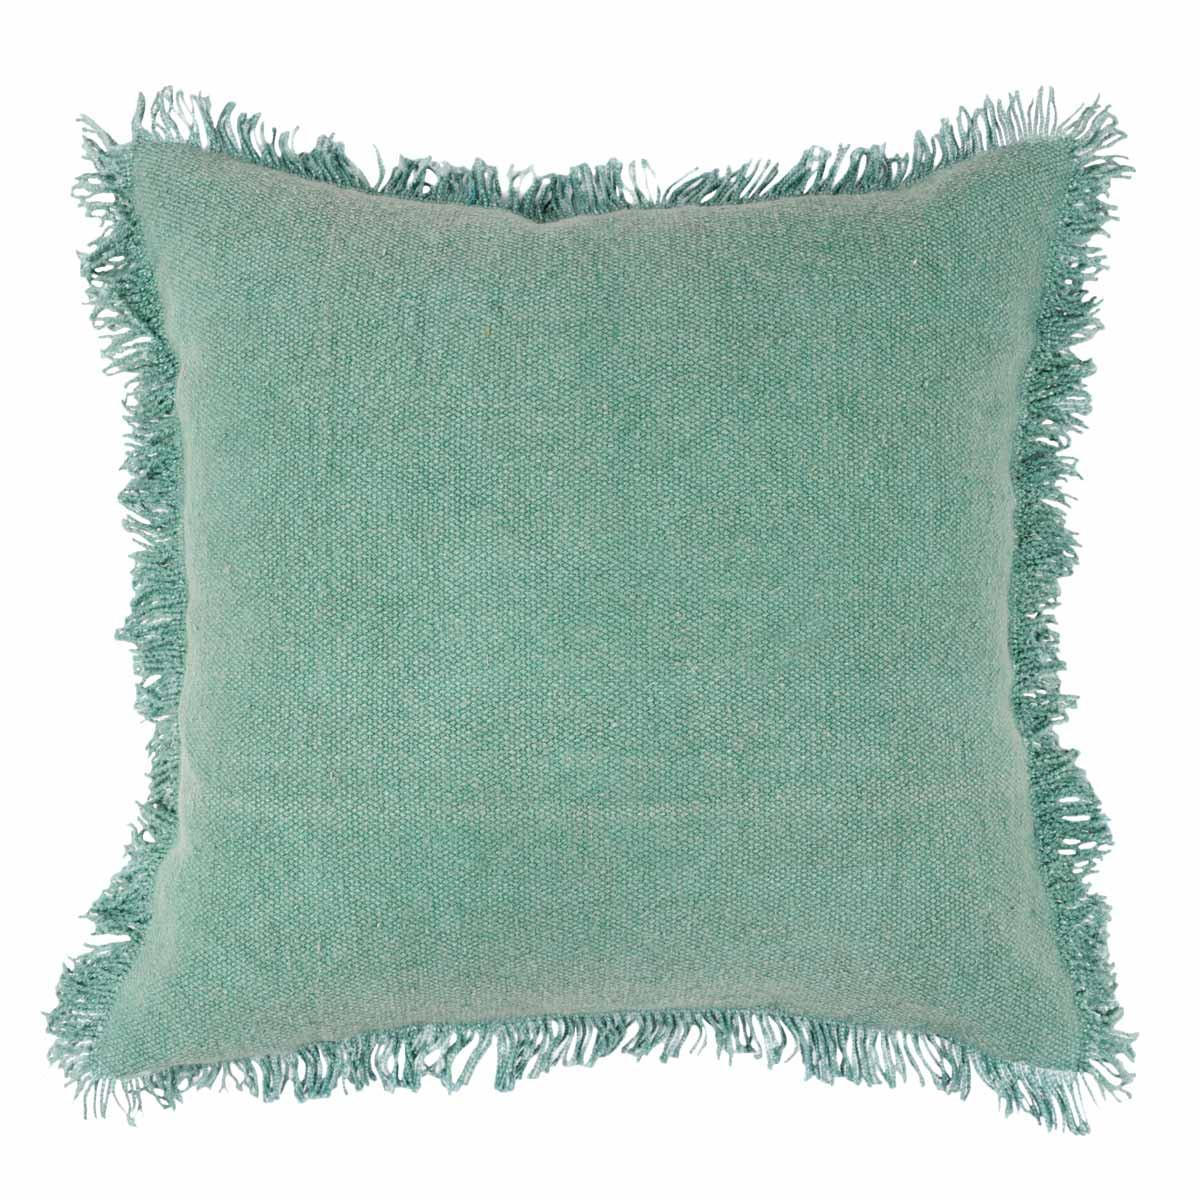 Διακοσμητικό Μαξιλάρι Gardena Vert C02982002